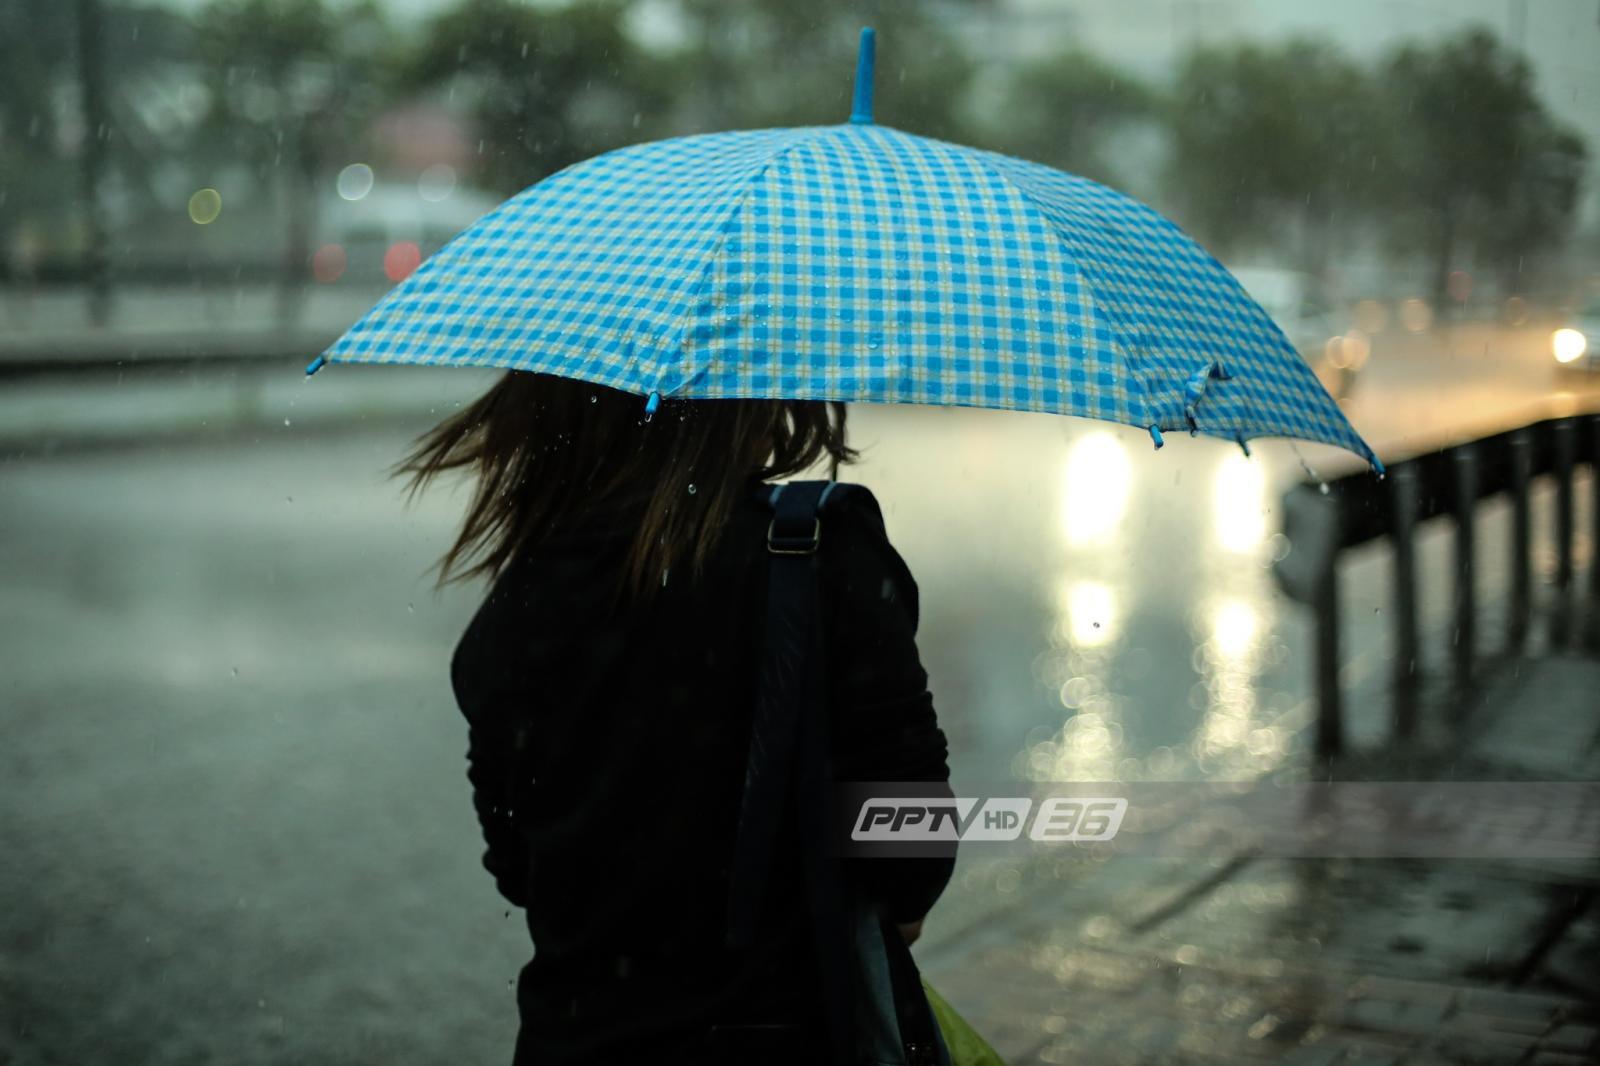 อุตุฯ เผยประเทศไทยมีฝน ร้อยละ 40-60 ของพื้นที่